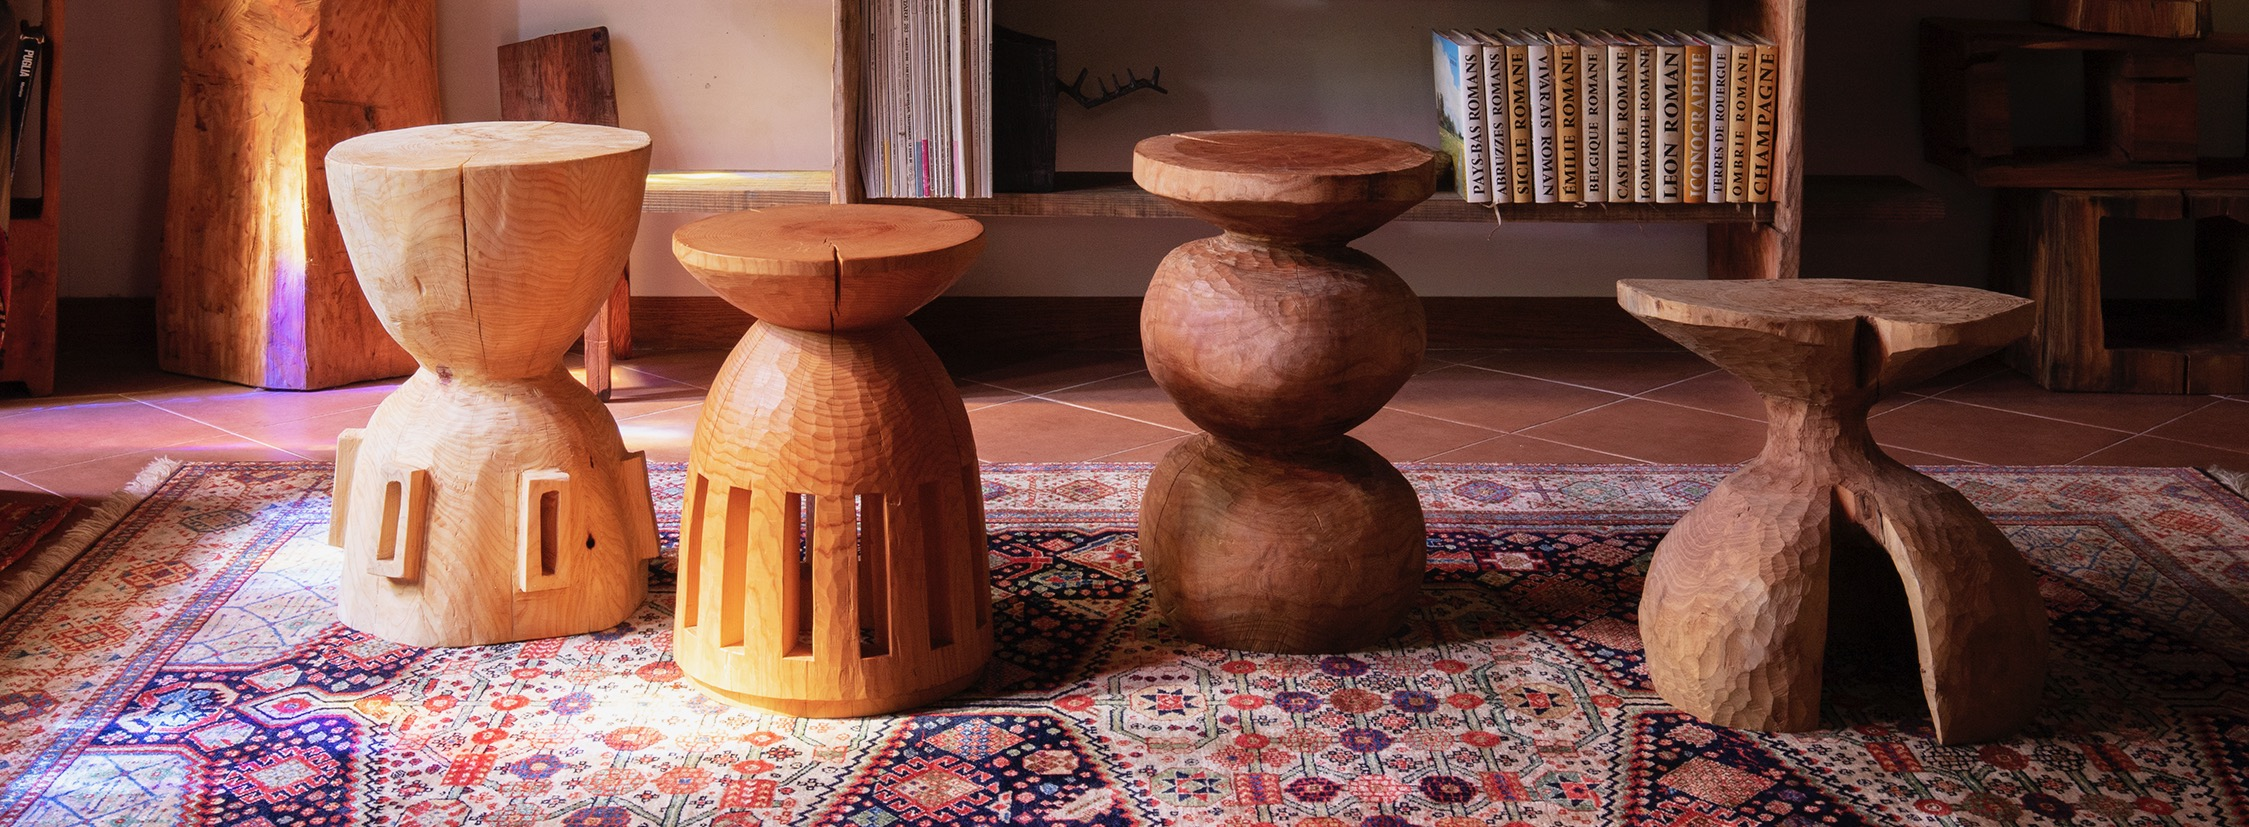 一緒に暮らしたい、かけがえのないものVol.1 「象鯨彫刻家具」